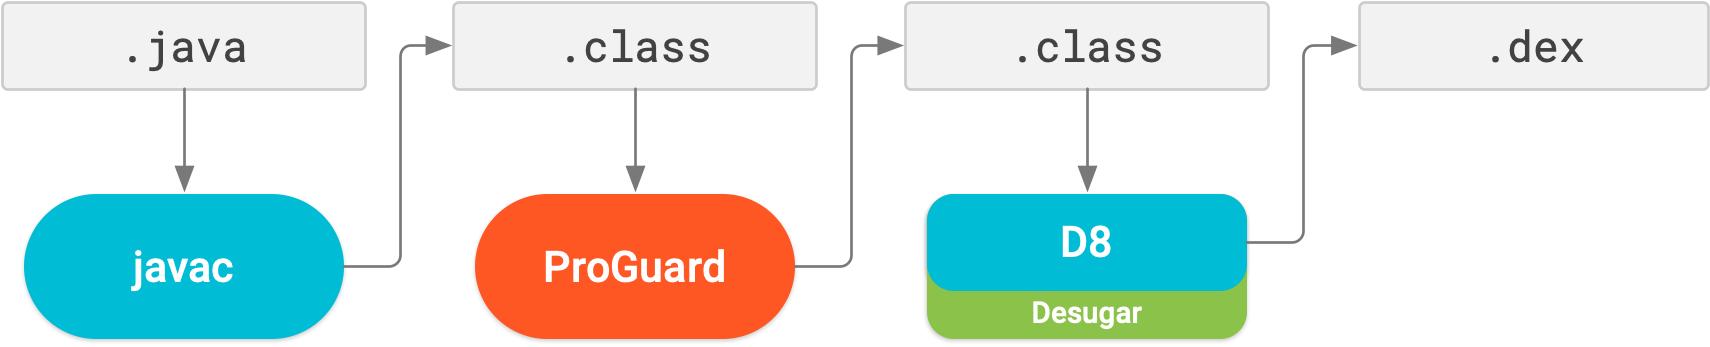 在 R8 之前,ProGuard 是一个与 dex 处理和脱糖不同的编译步骤。